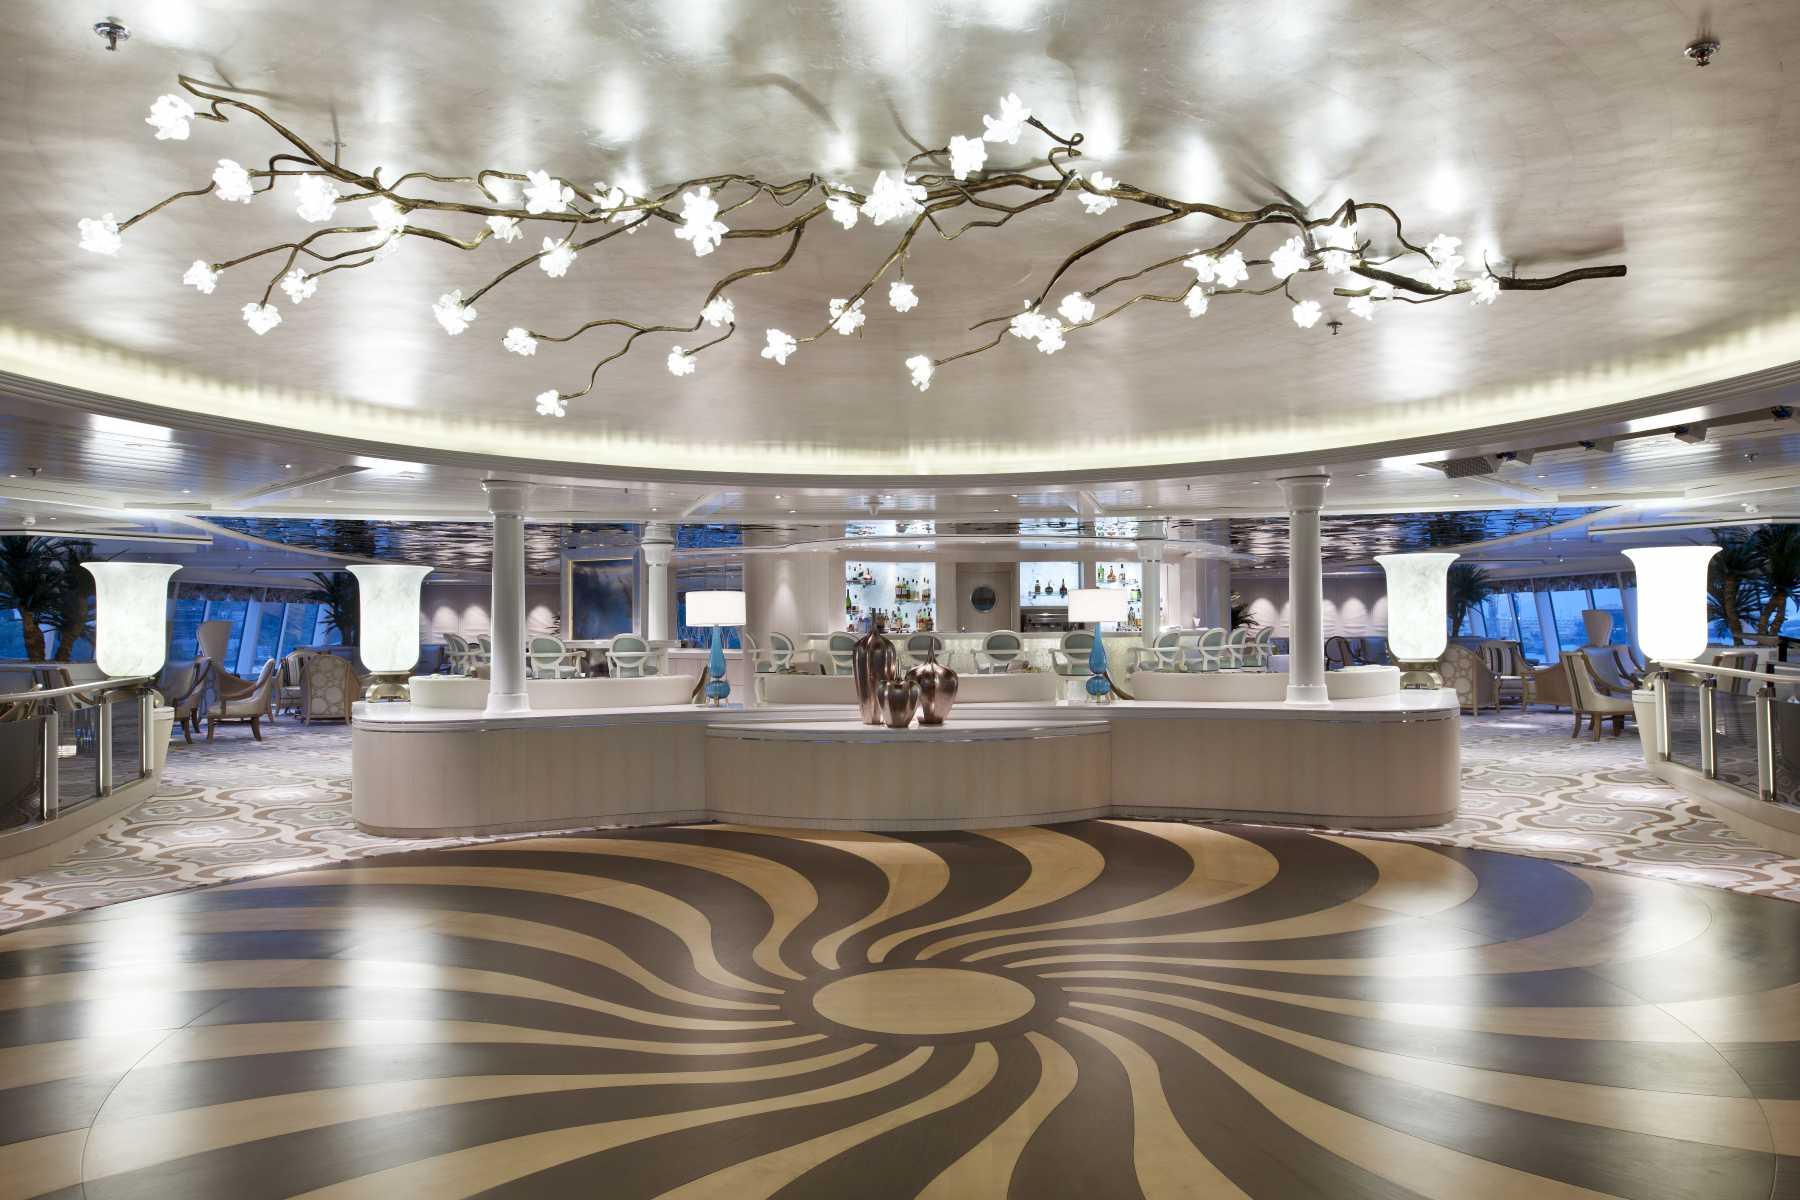 crystal cruises crystal symphony palm court dance floor 1.jpg